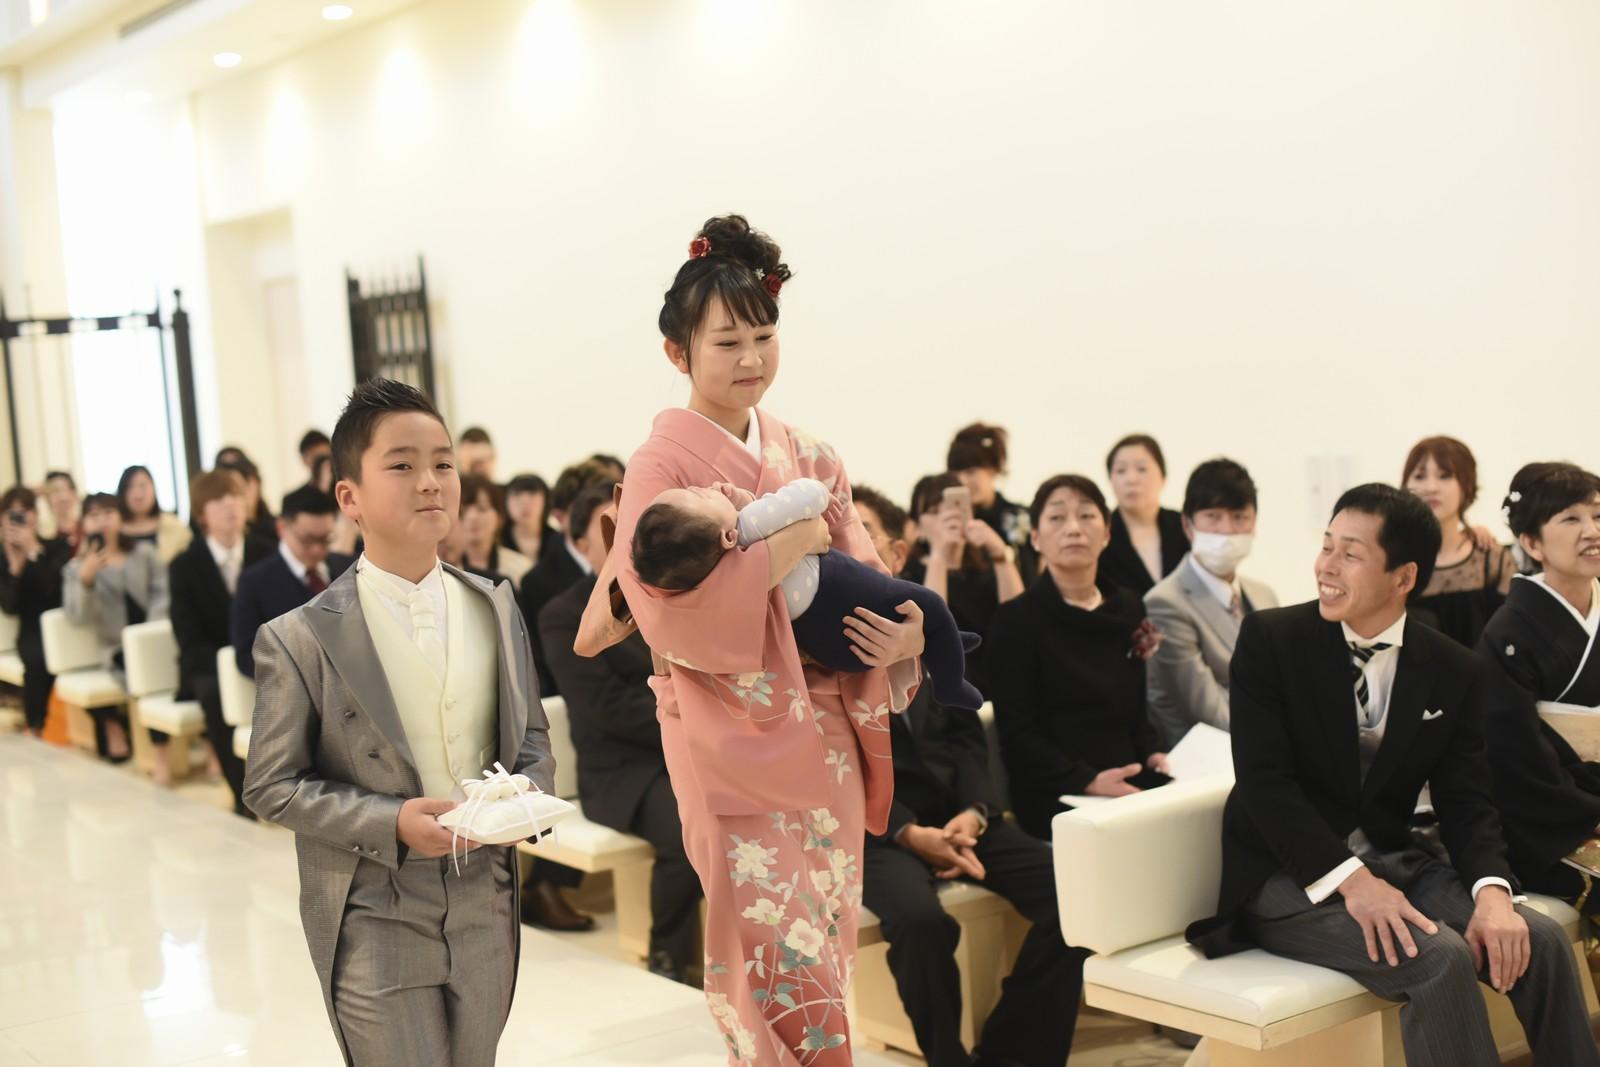 徳島市の結婚式場ブランアンジュのセレモニーのリングボーイ&ガールは新郎新婦のご兄弟